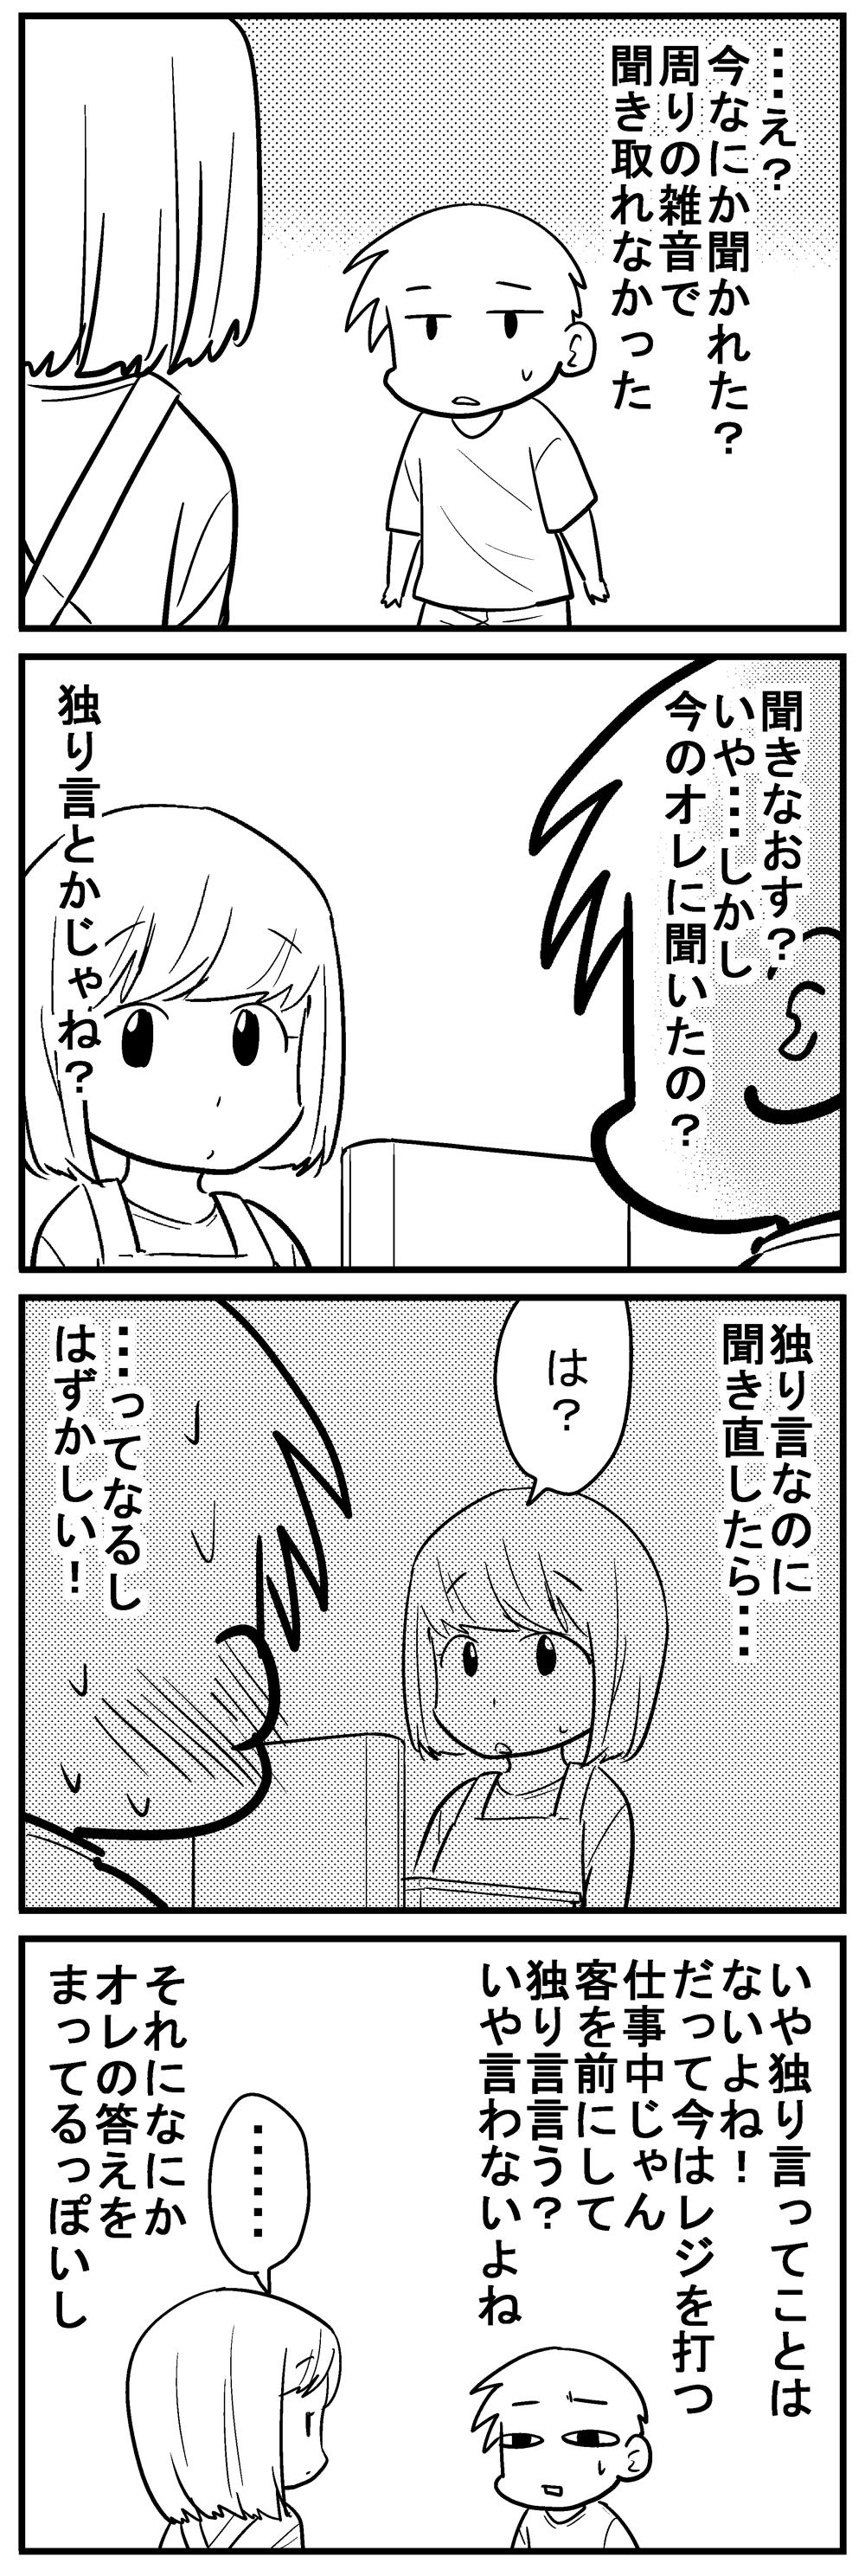 深読みくん82-2